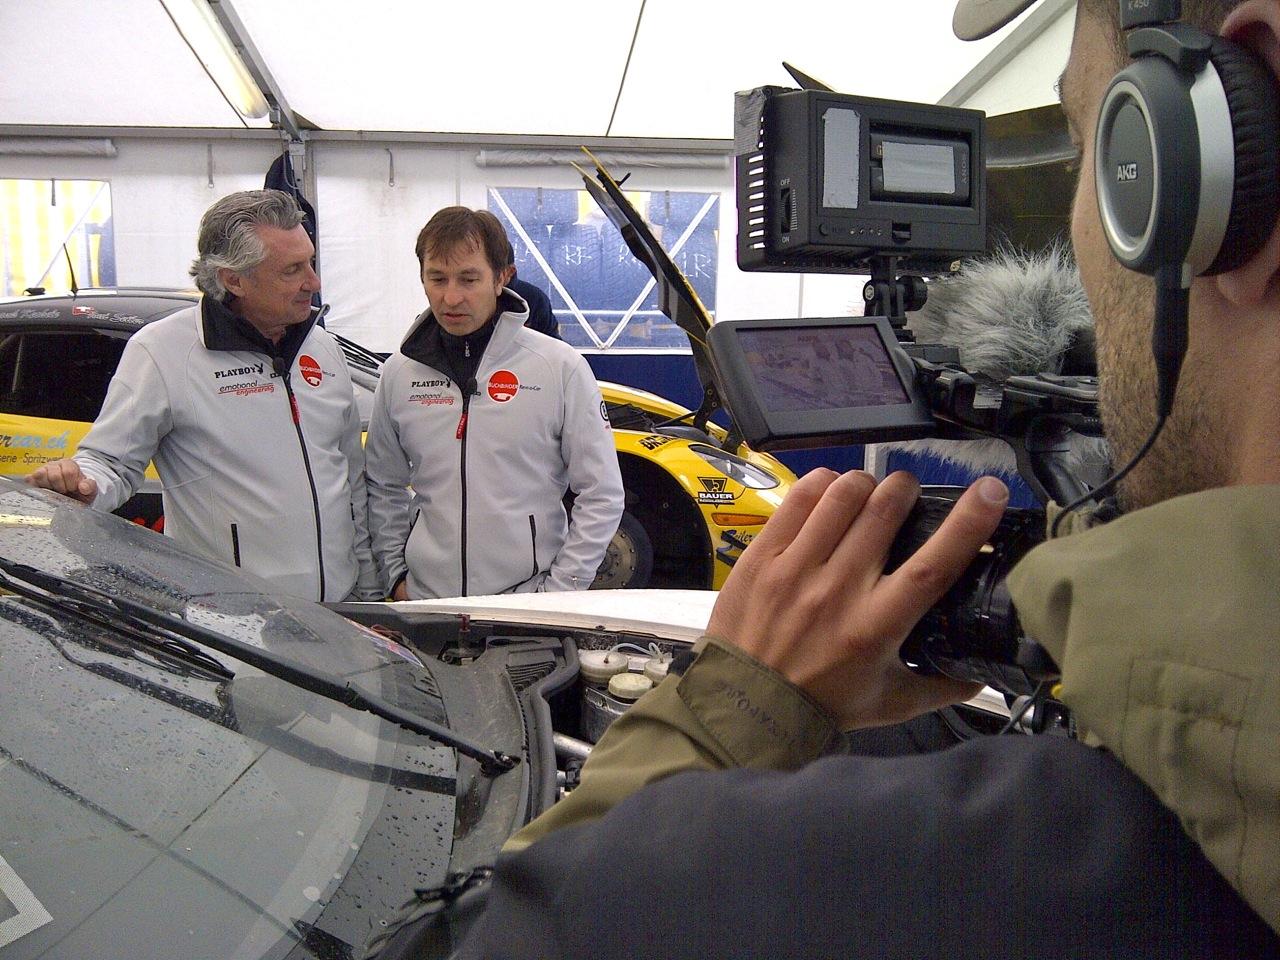 ADAC Truck Grand Prix am Nürburgring